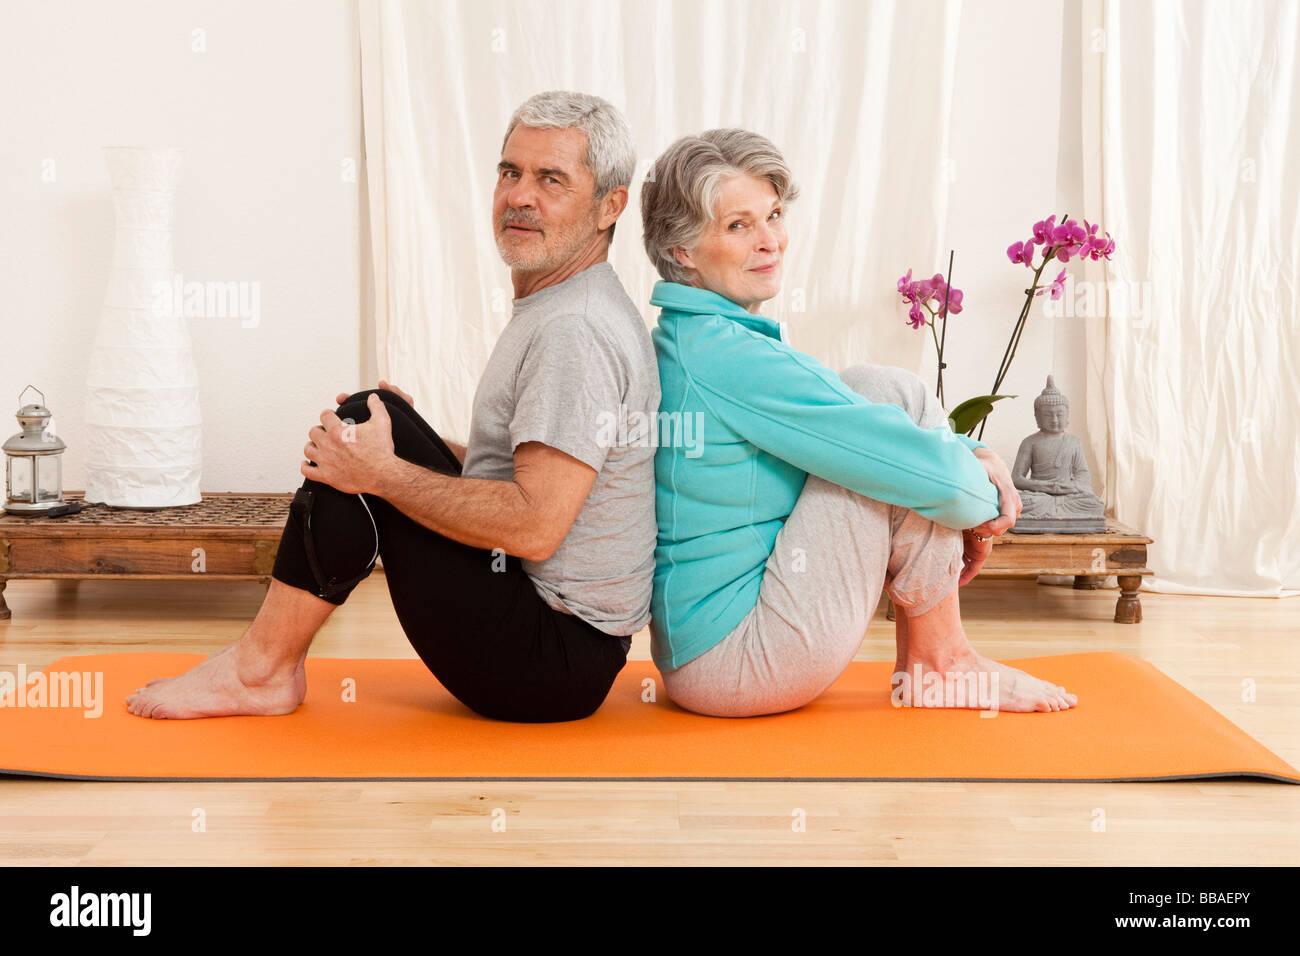 Droit assis dos à dos sur un tapis d'exercice Photo Stock